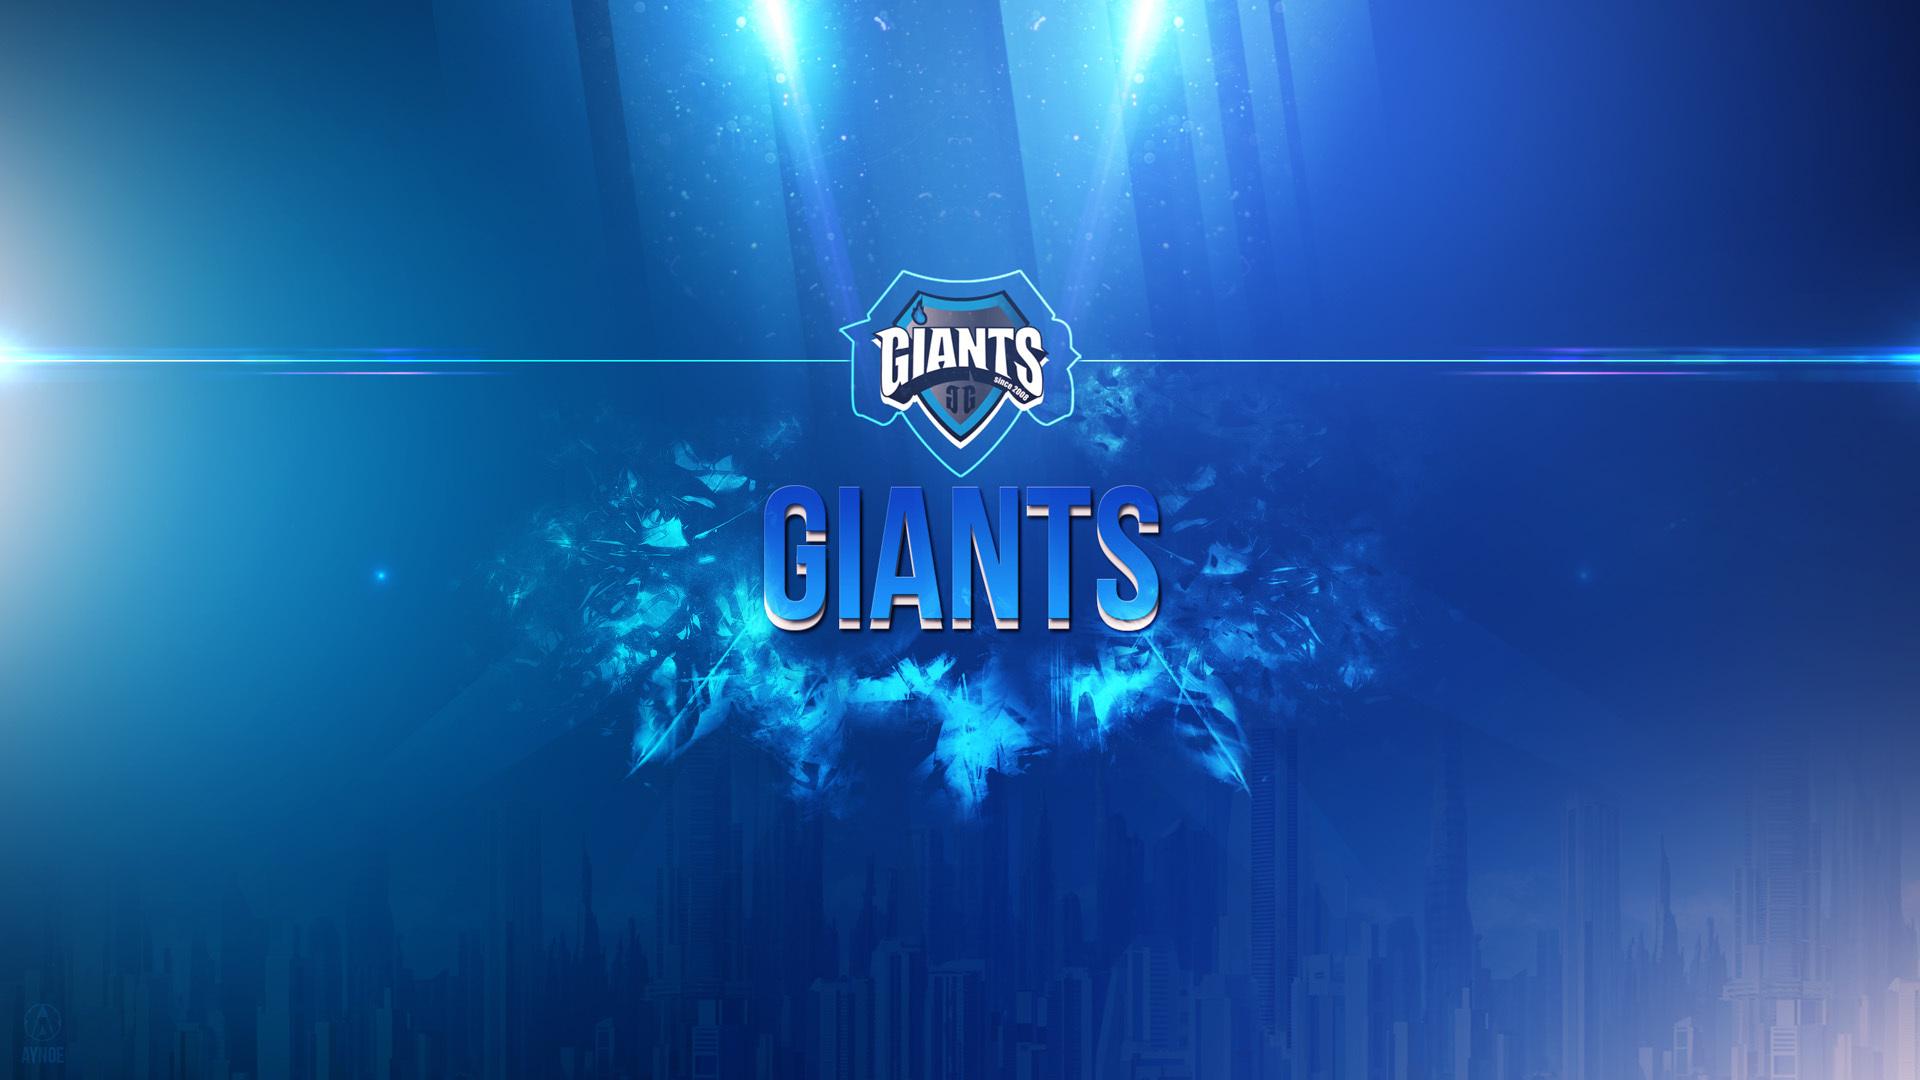 New York Giants Hd